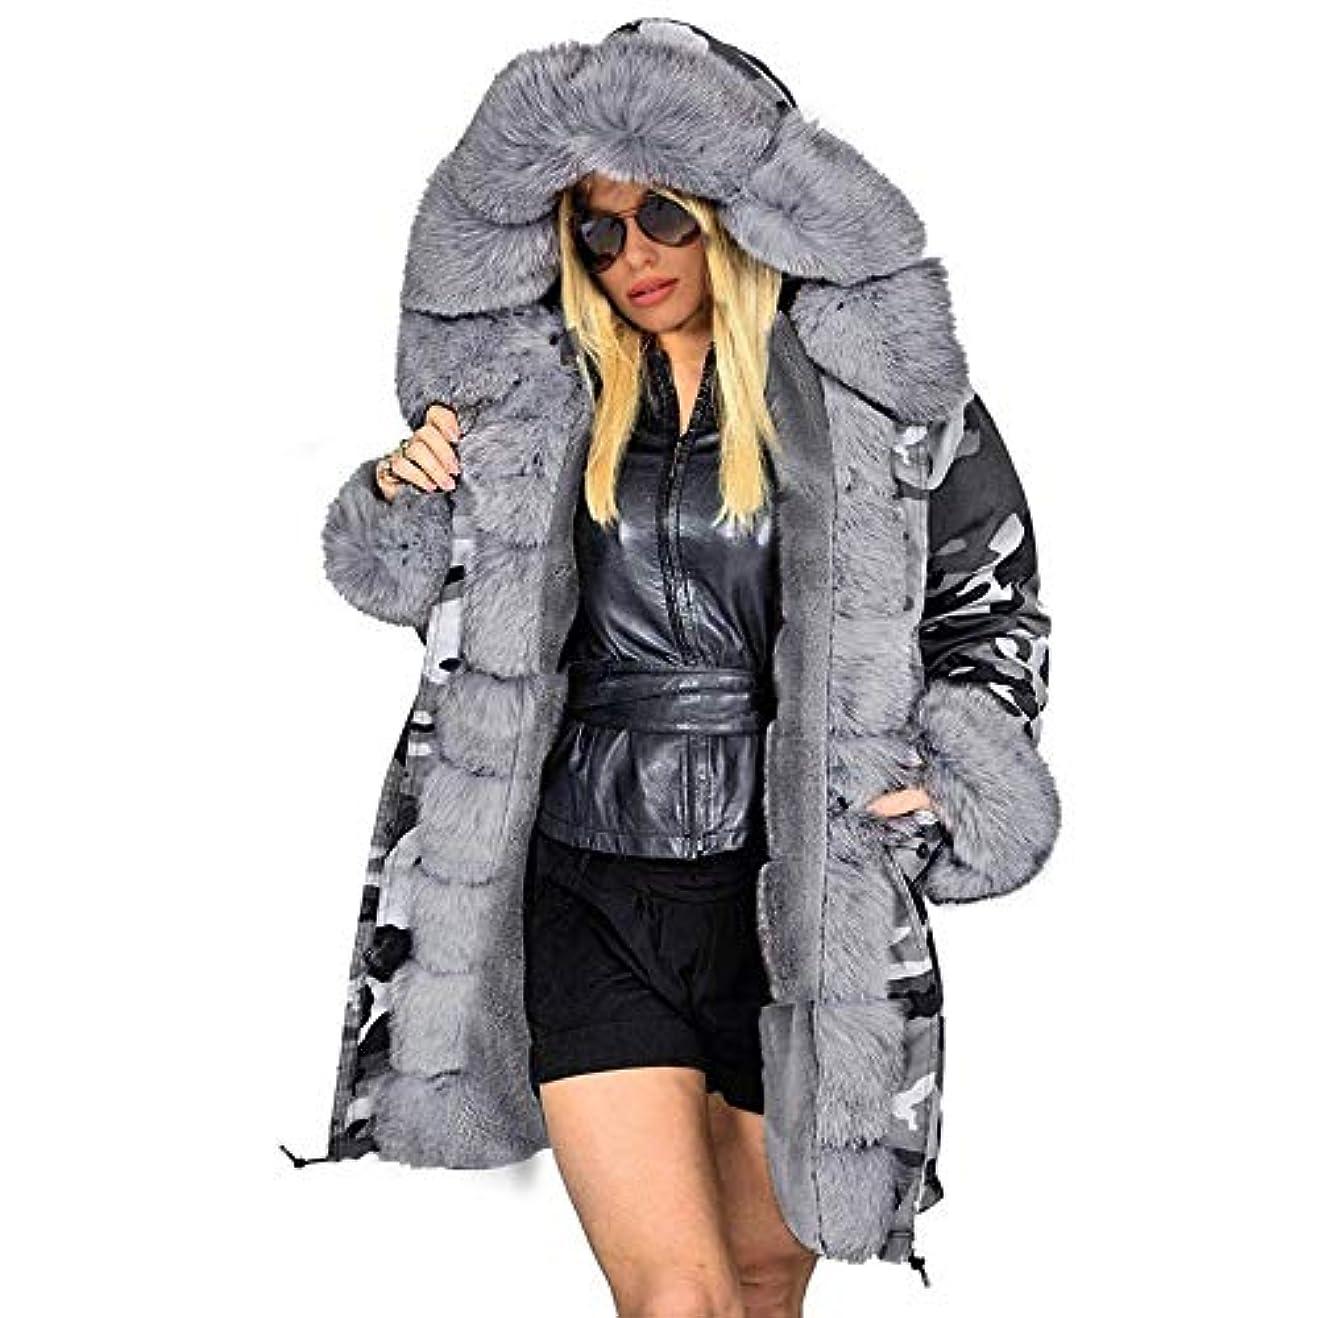 示す女性バーターファッションコートウィンタージャケット女性フードパーカーロングウォームコットンジャケットアウターウェア女性ウィンターコートプラスサイズ,XXXL